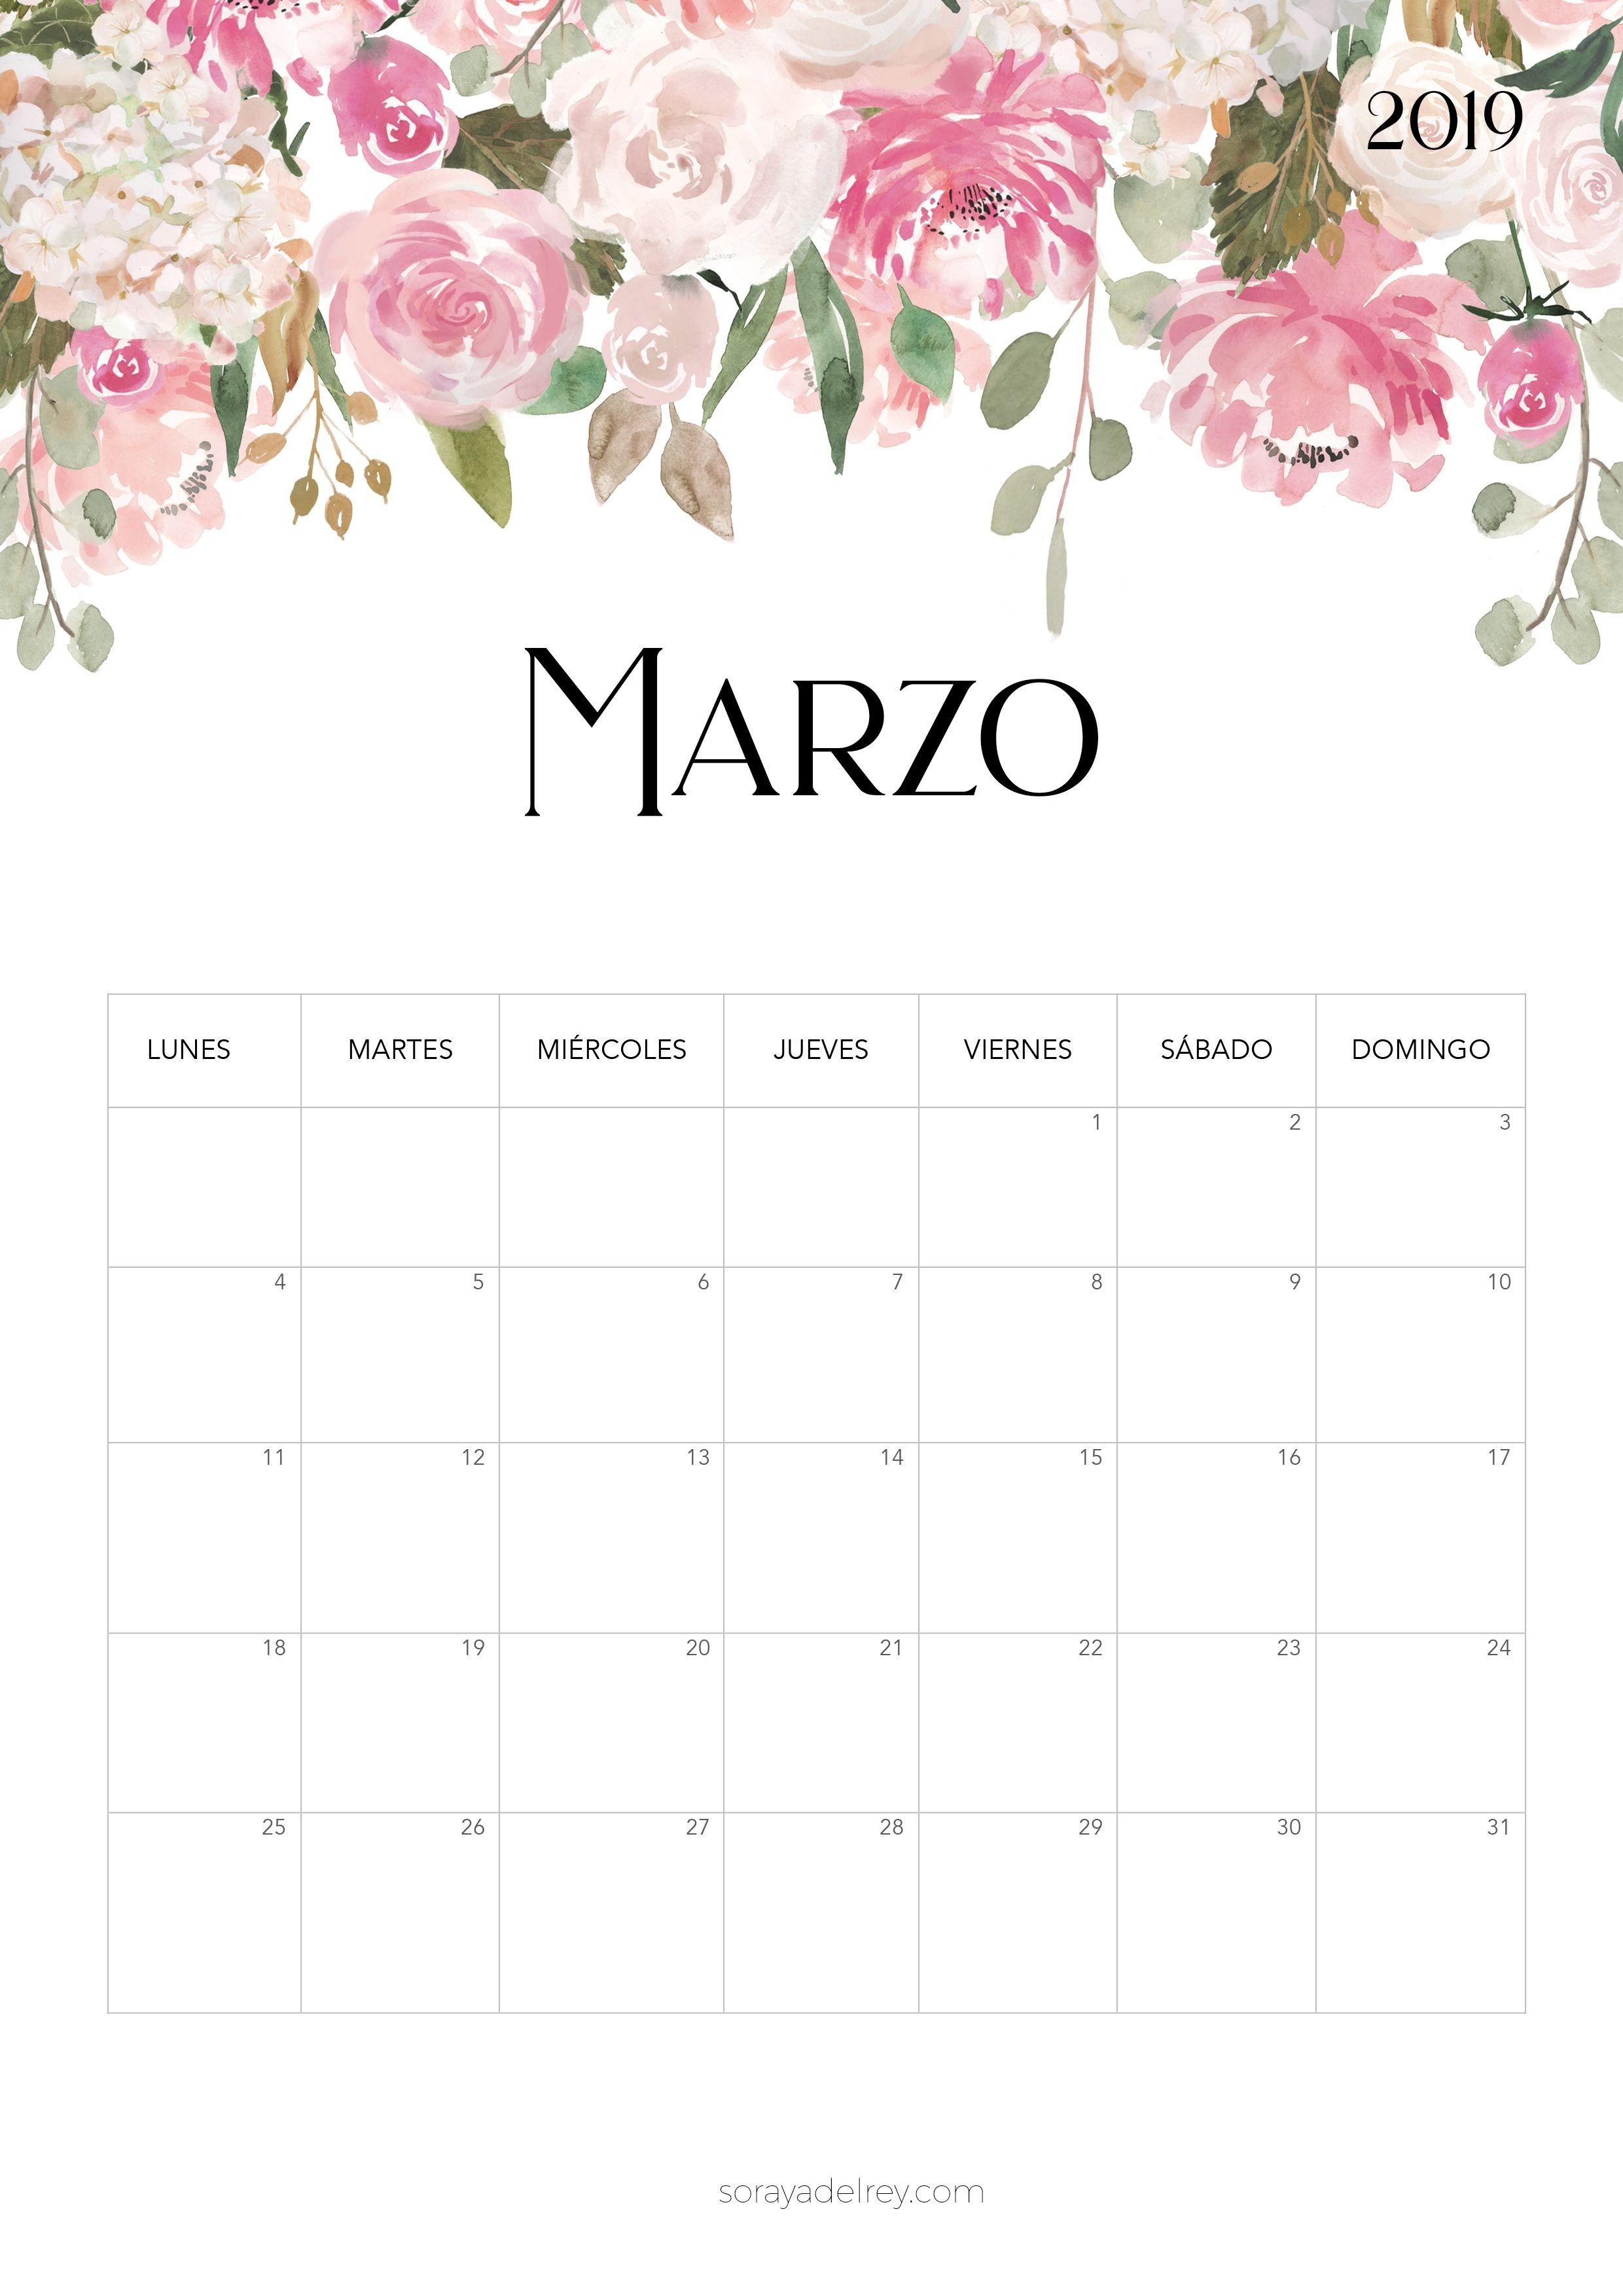 Calendario para imprimir 2018 2019 costurero